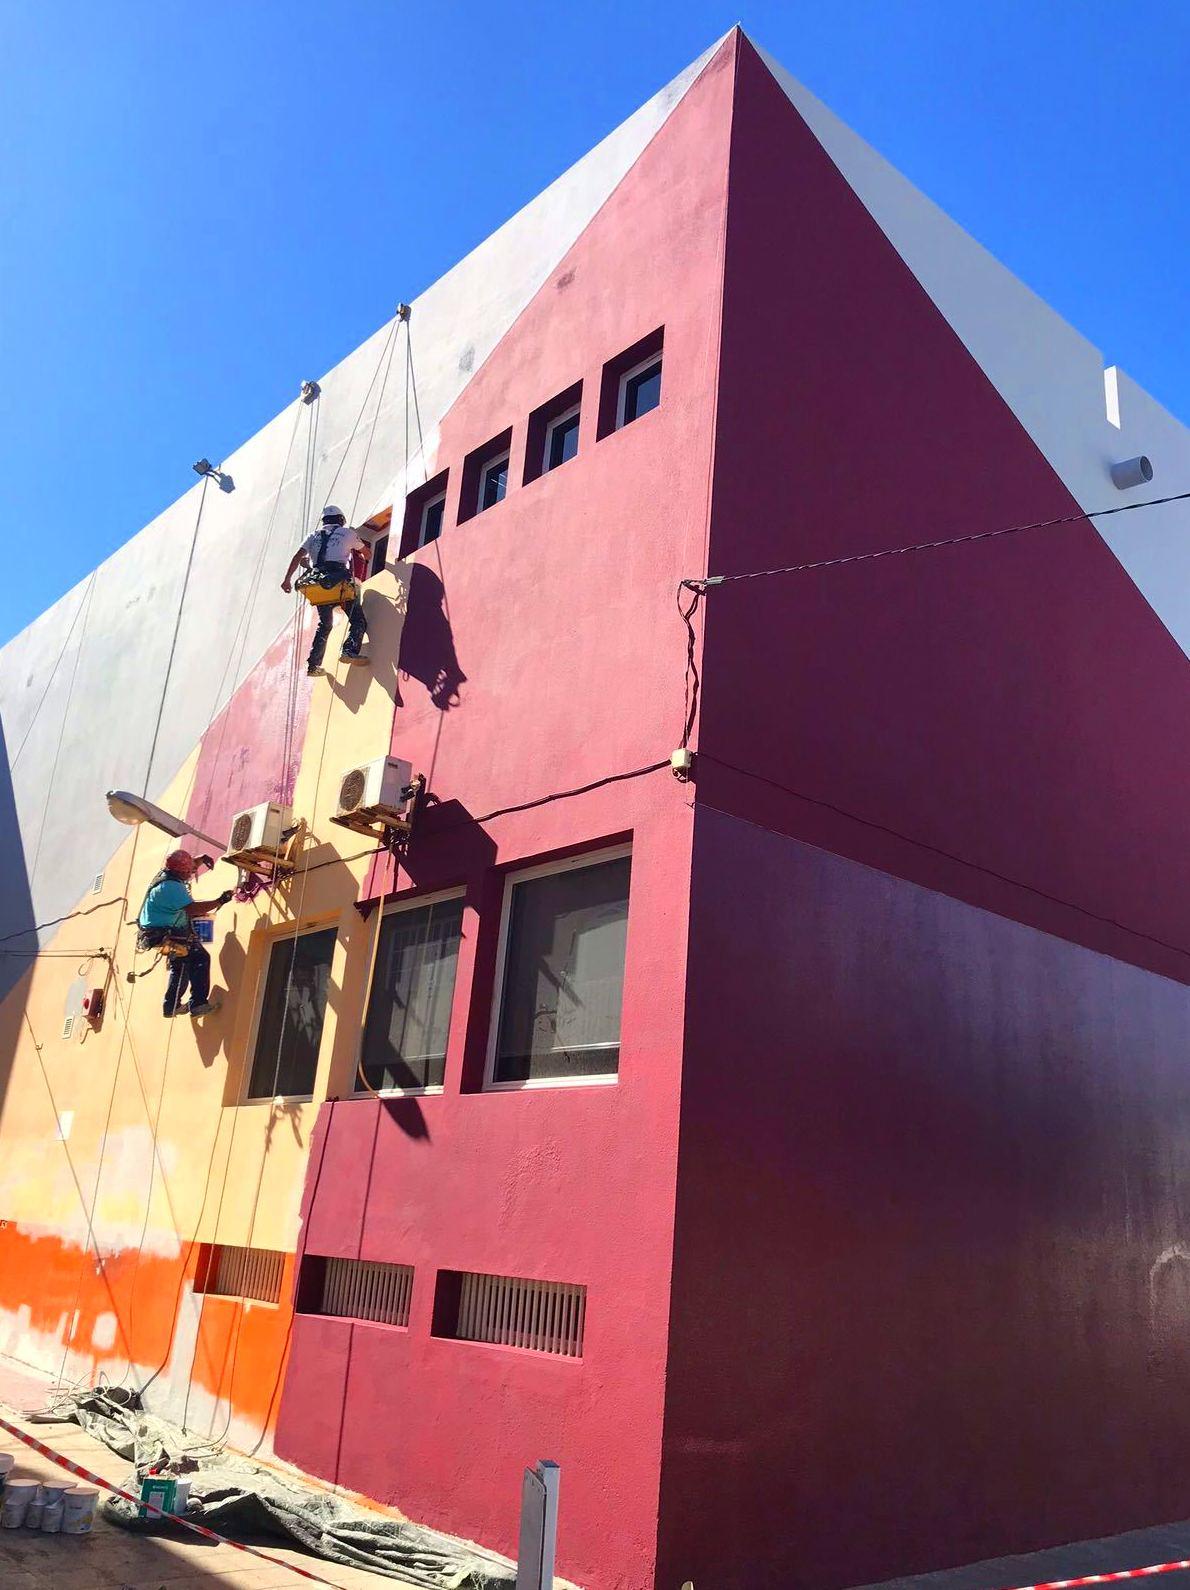 Rehabilitación y pintado de fachada.(Biblioteca de Puerto del Rosario, Fuerteventura)